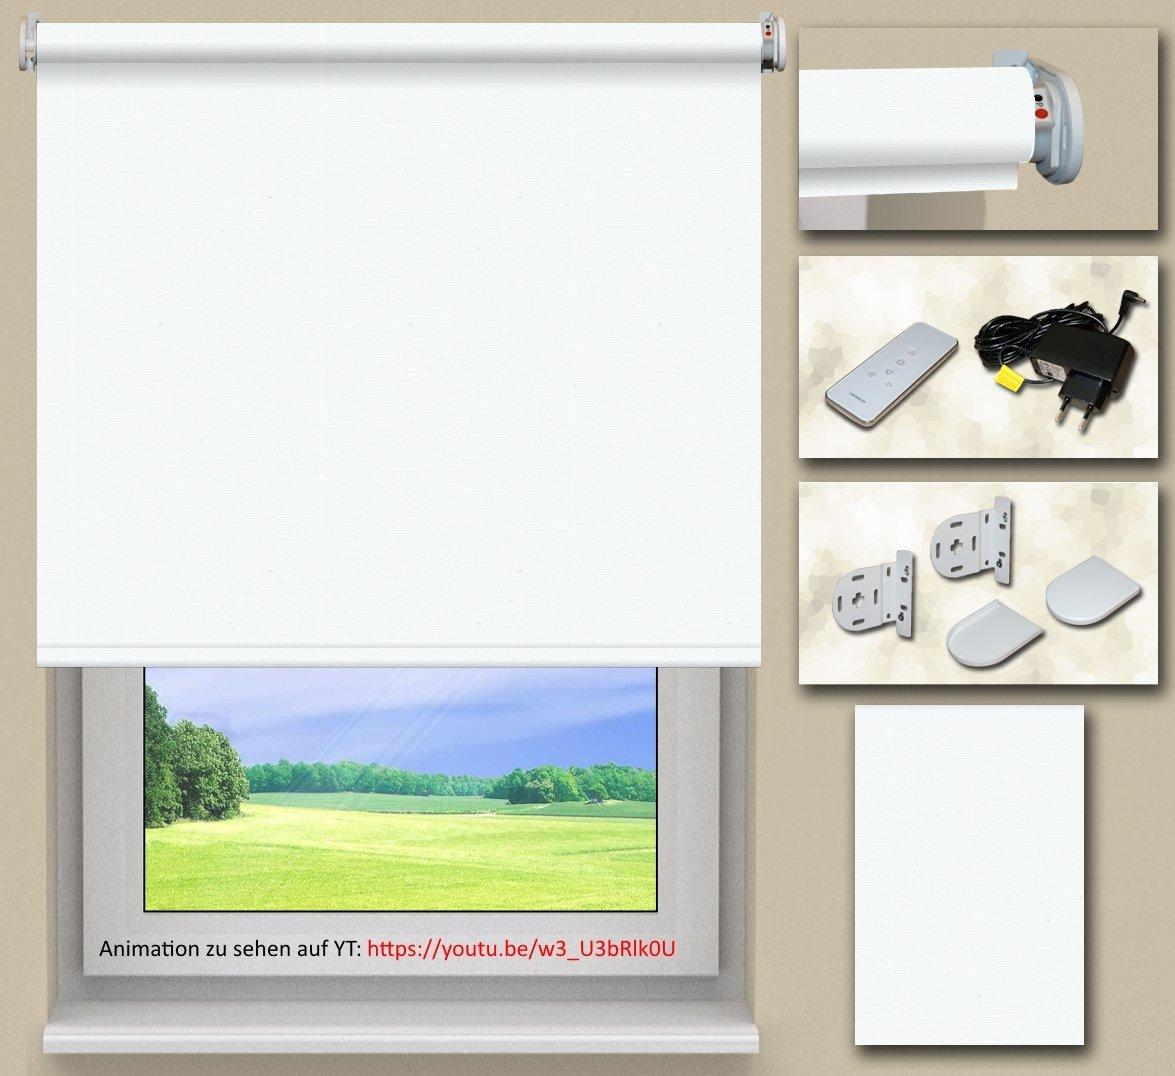 Akkurollo auf Maß Verdunklungsrollo (batteriebetriebenen Motor)   Stoff  Weiß(RO022)   Systemfarbe  Weiß   Montage  Wand-, oder Deckenmontage   Breite 230,1 bis 240cm x Höhe 230,1 bis 240cm